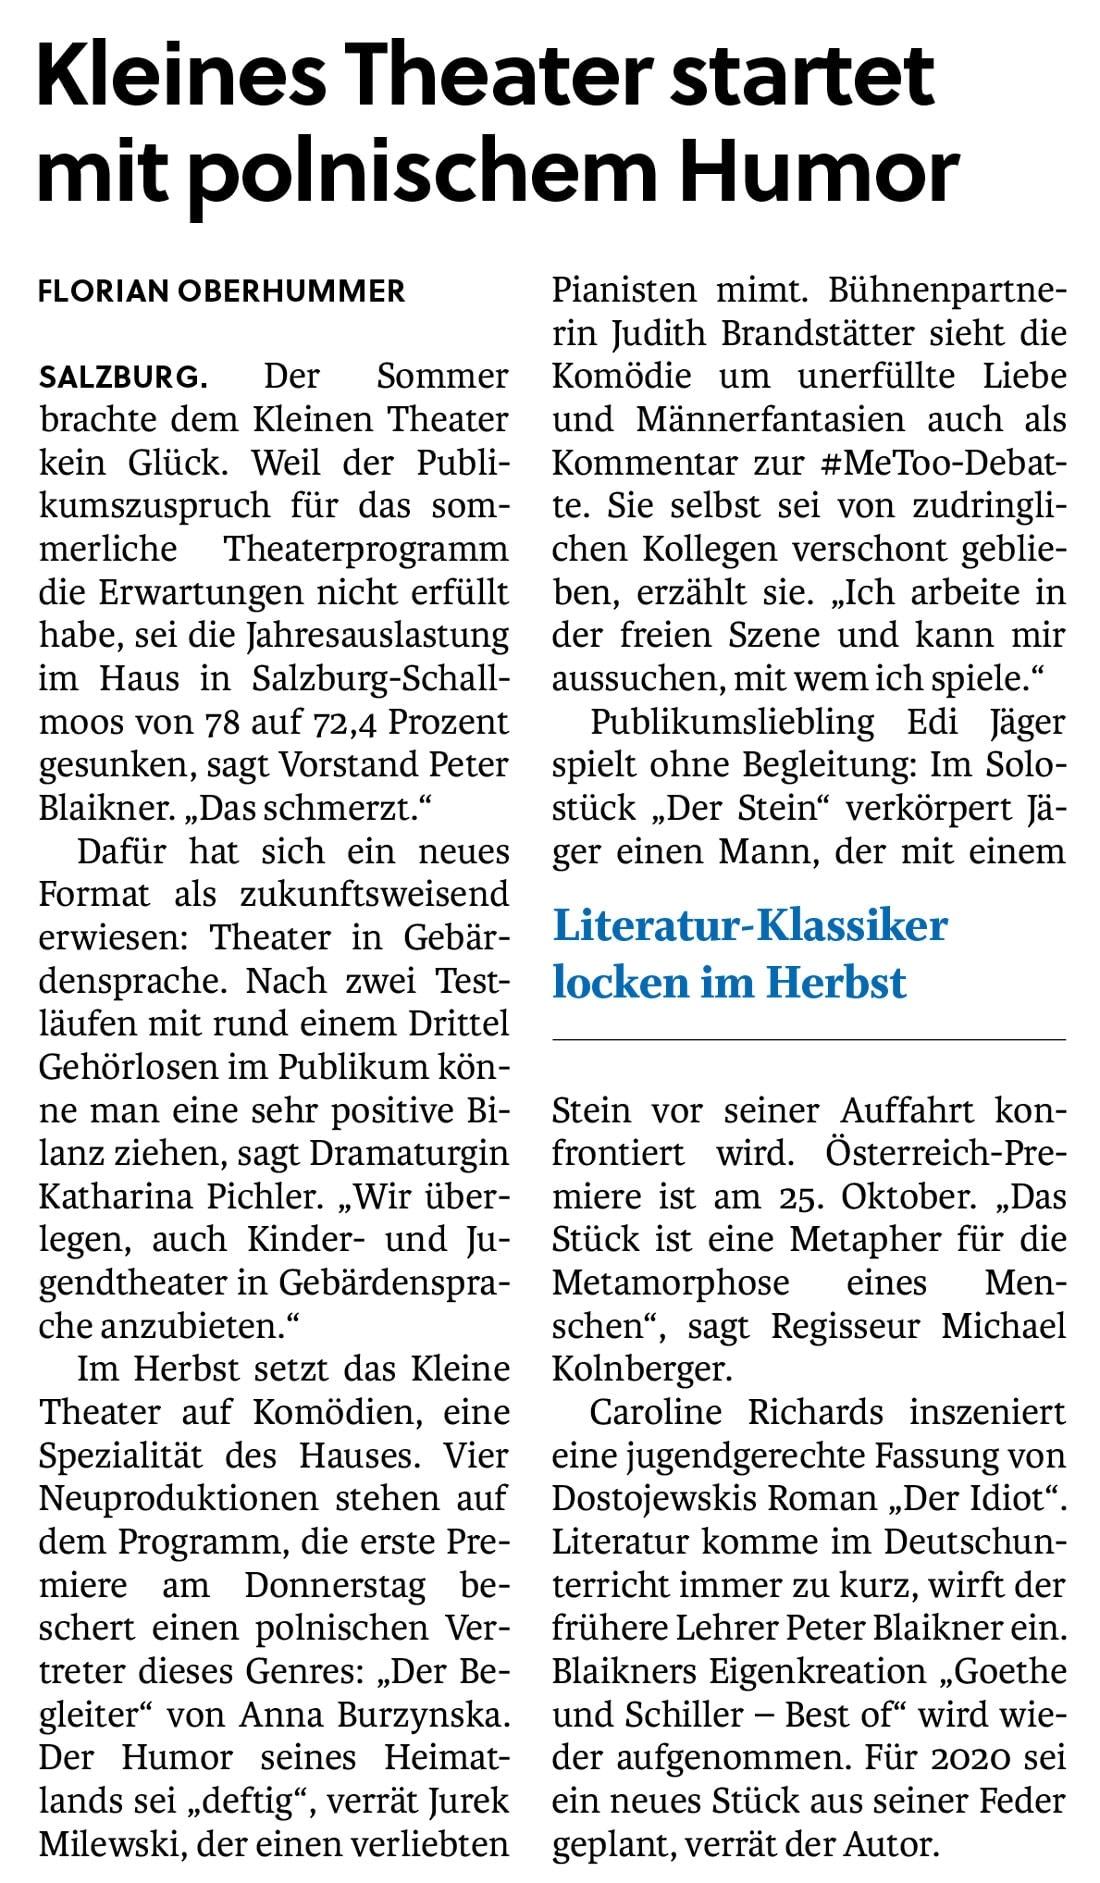 20190918 BER SN Saisonstart Pressekonferenz 02 - Kleines Theater startet mit polnischem Humor - SN vom 18.09.19